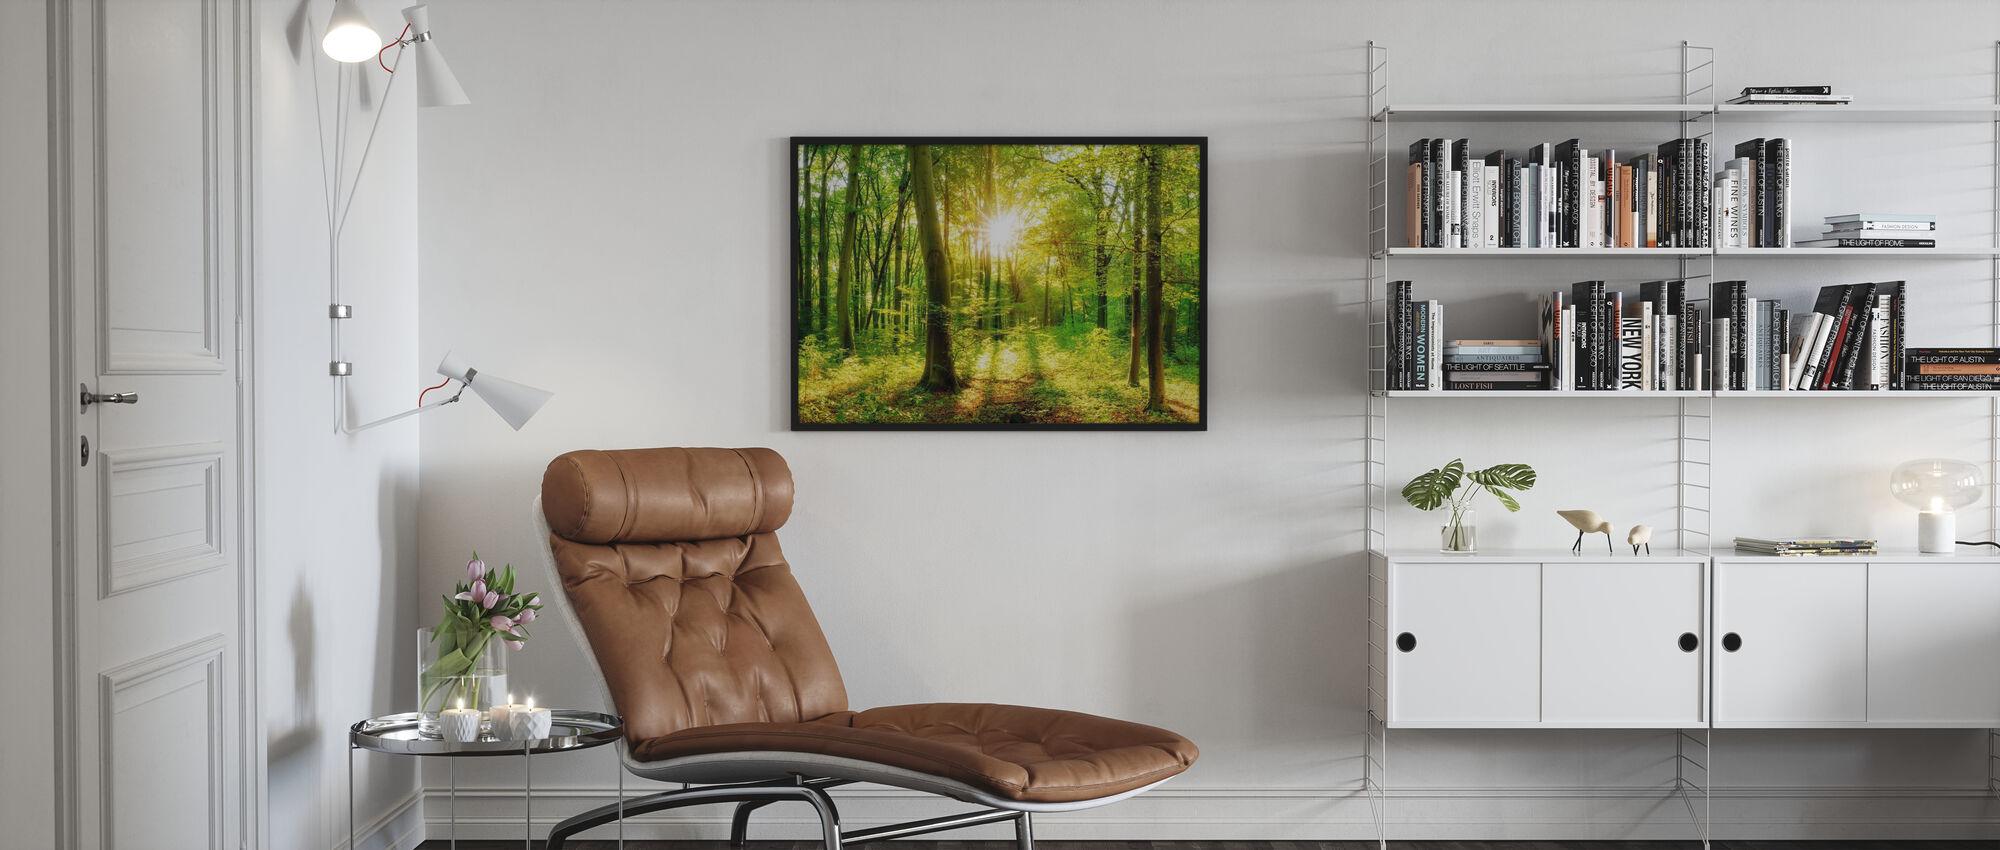 Lassen Sie es glänzen - Poster - Wohnzimmer